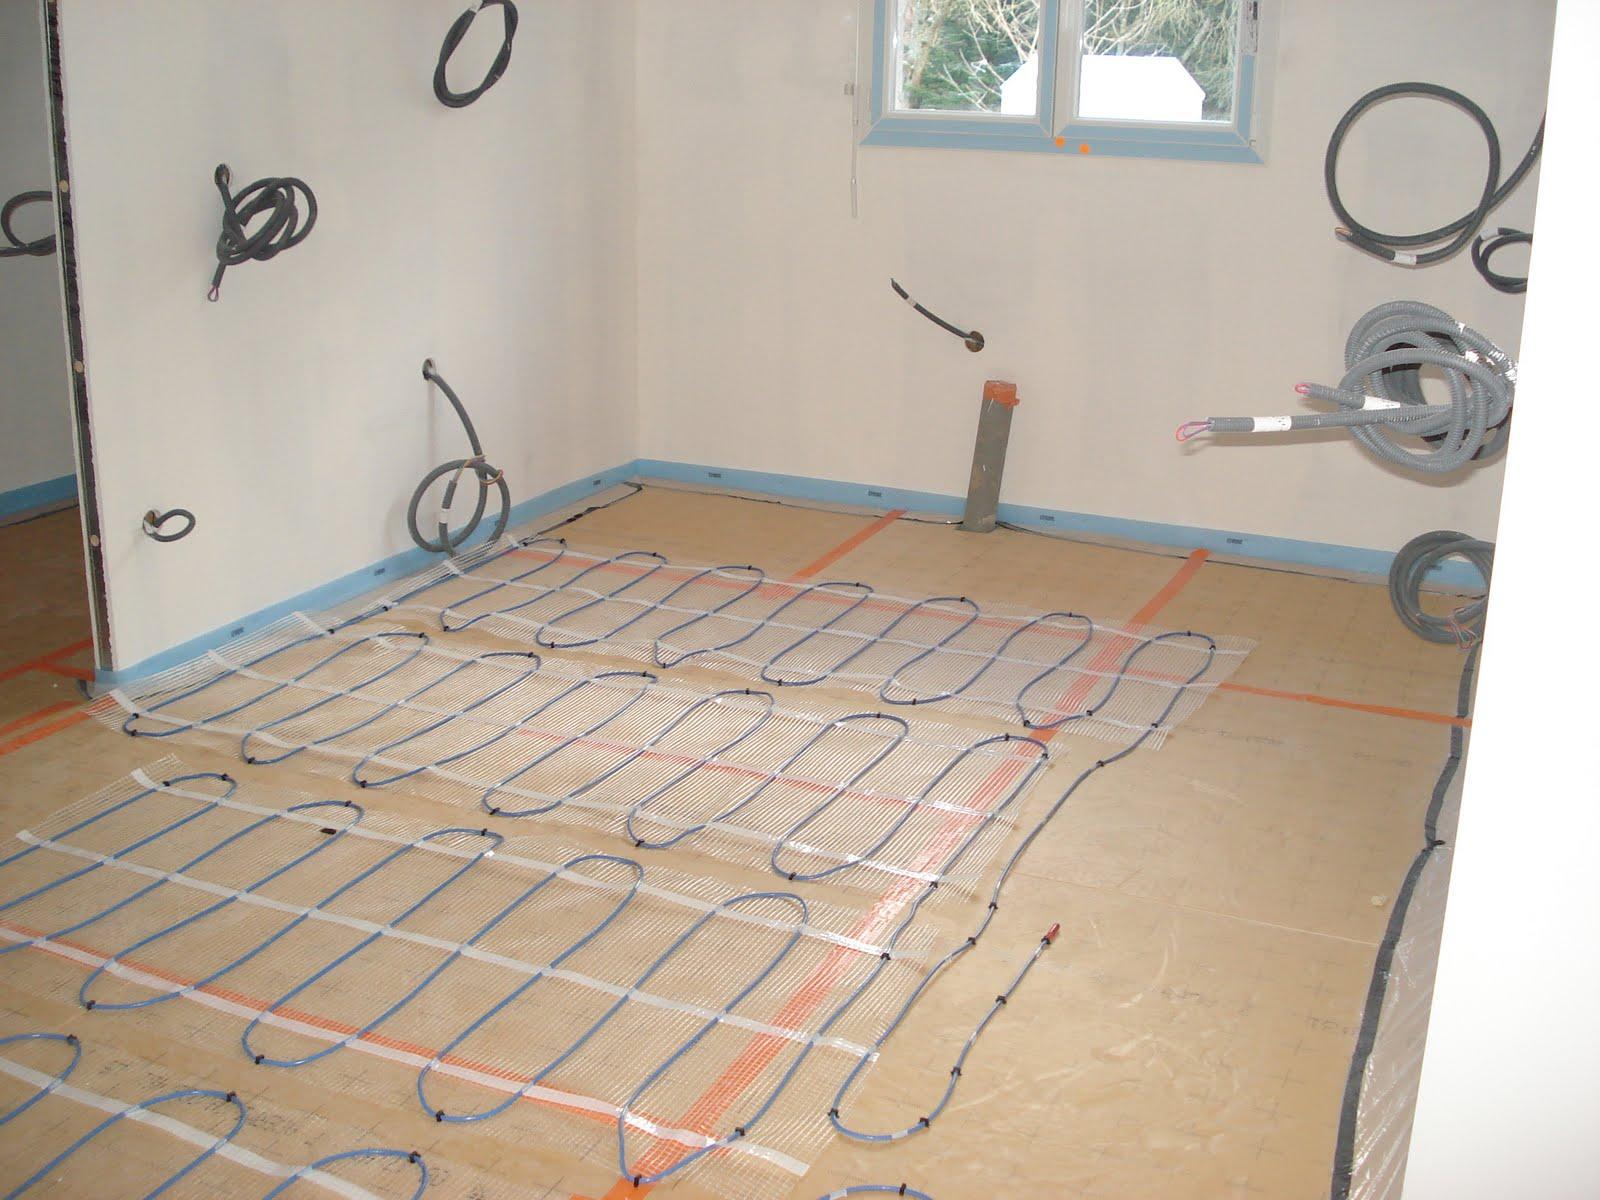 construction de notre nid douillet pose de l 39 isolant du sol tms et des trames de chauffage. Black Bedroom Furniture Sets. Home Design Ideas